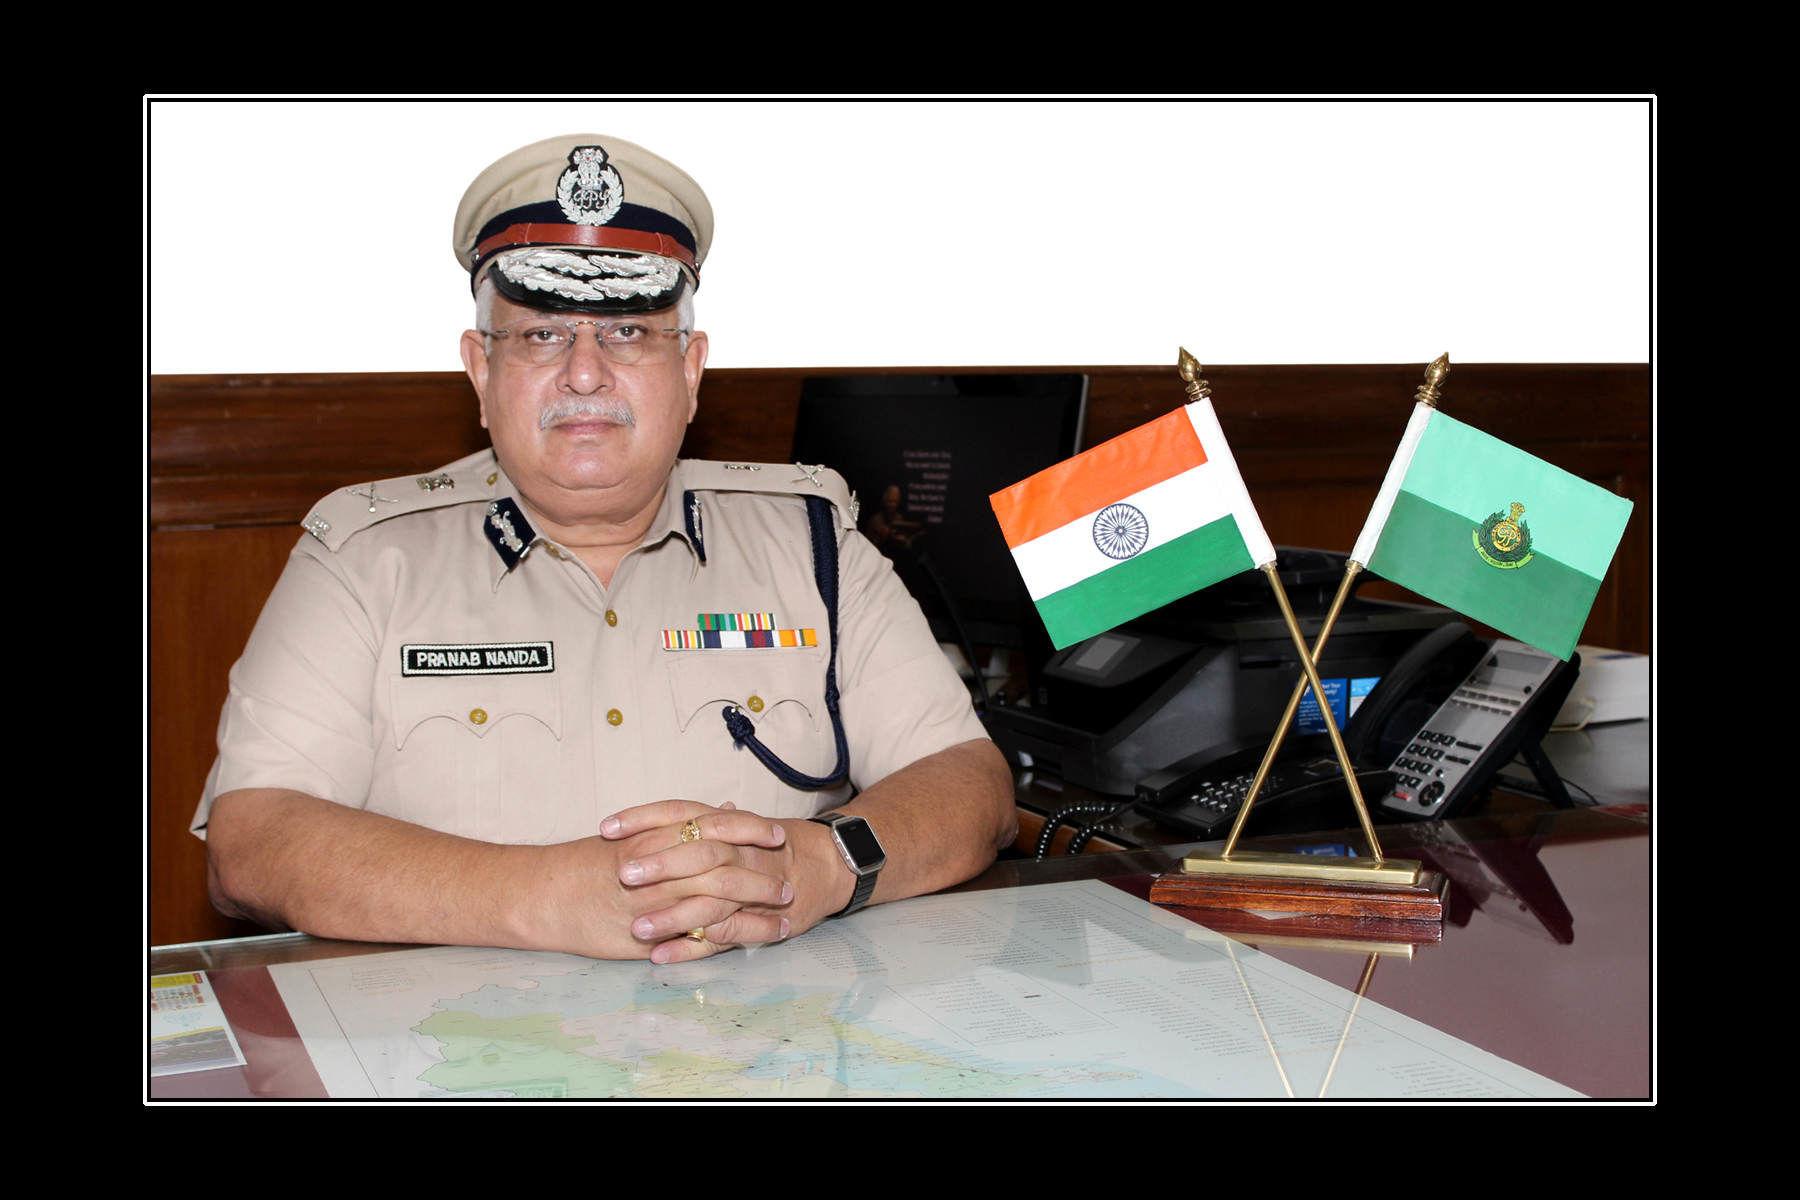 गोवा के पुलिस महानिदेशक (DGP) प्रणब नंदा का दिल्ली में निधन